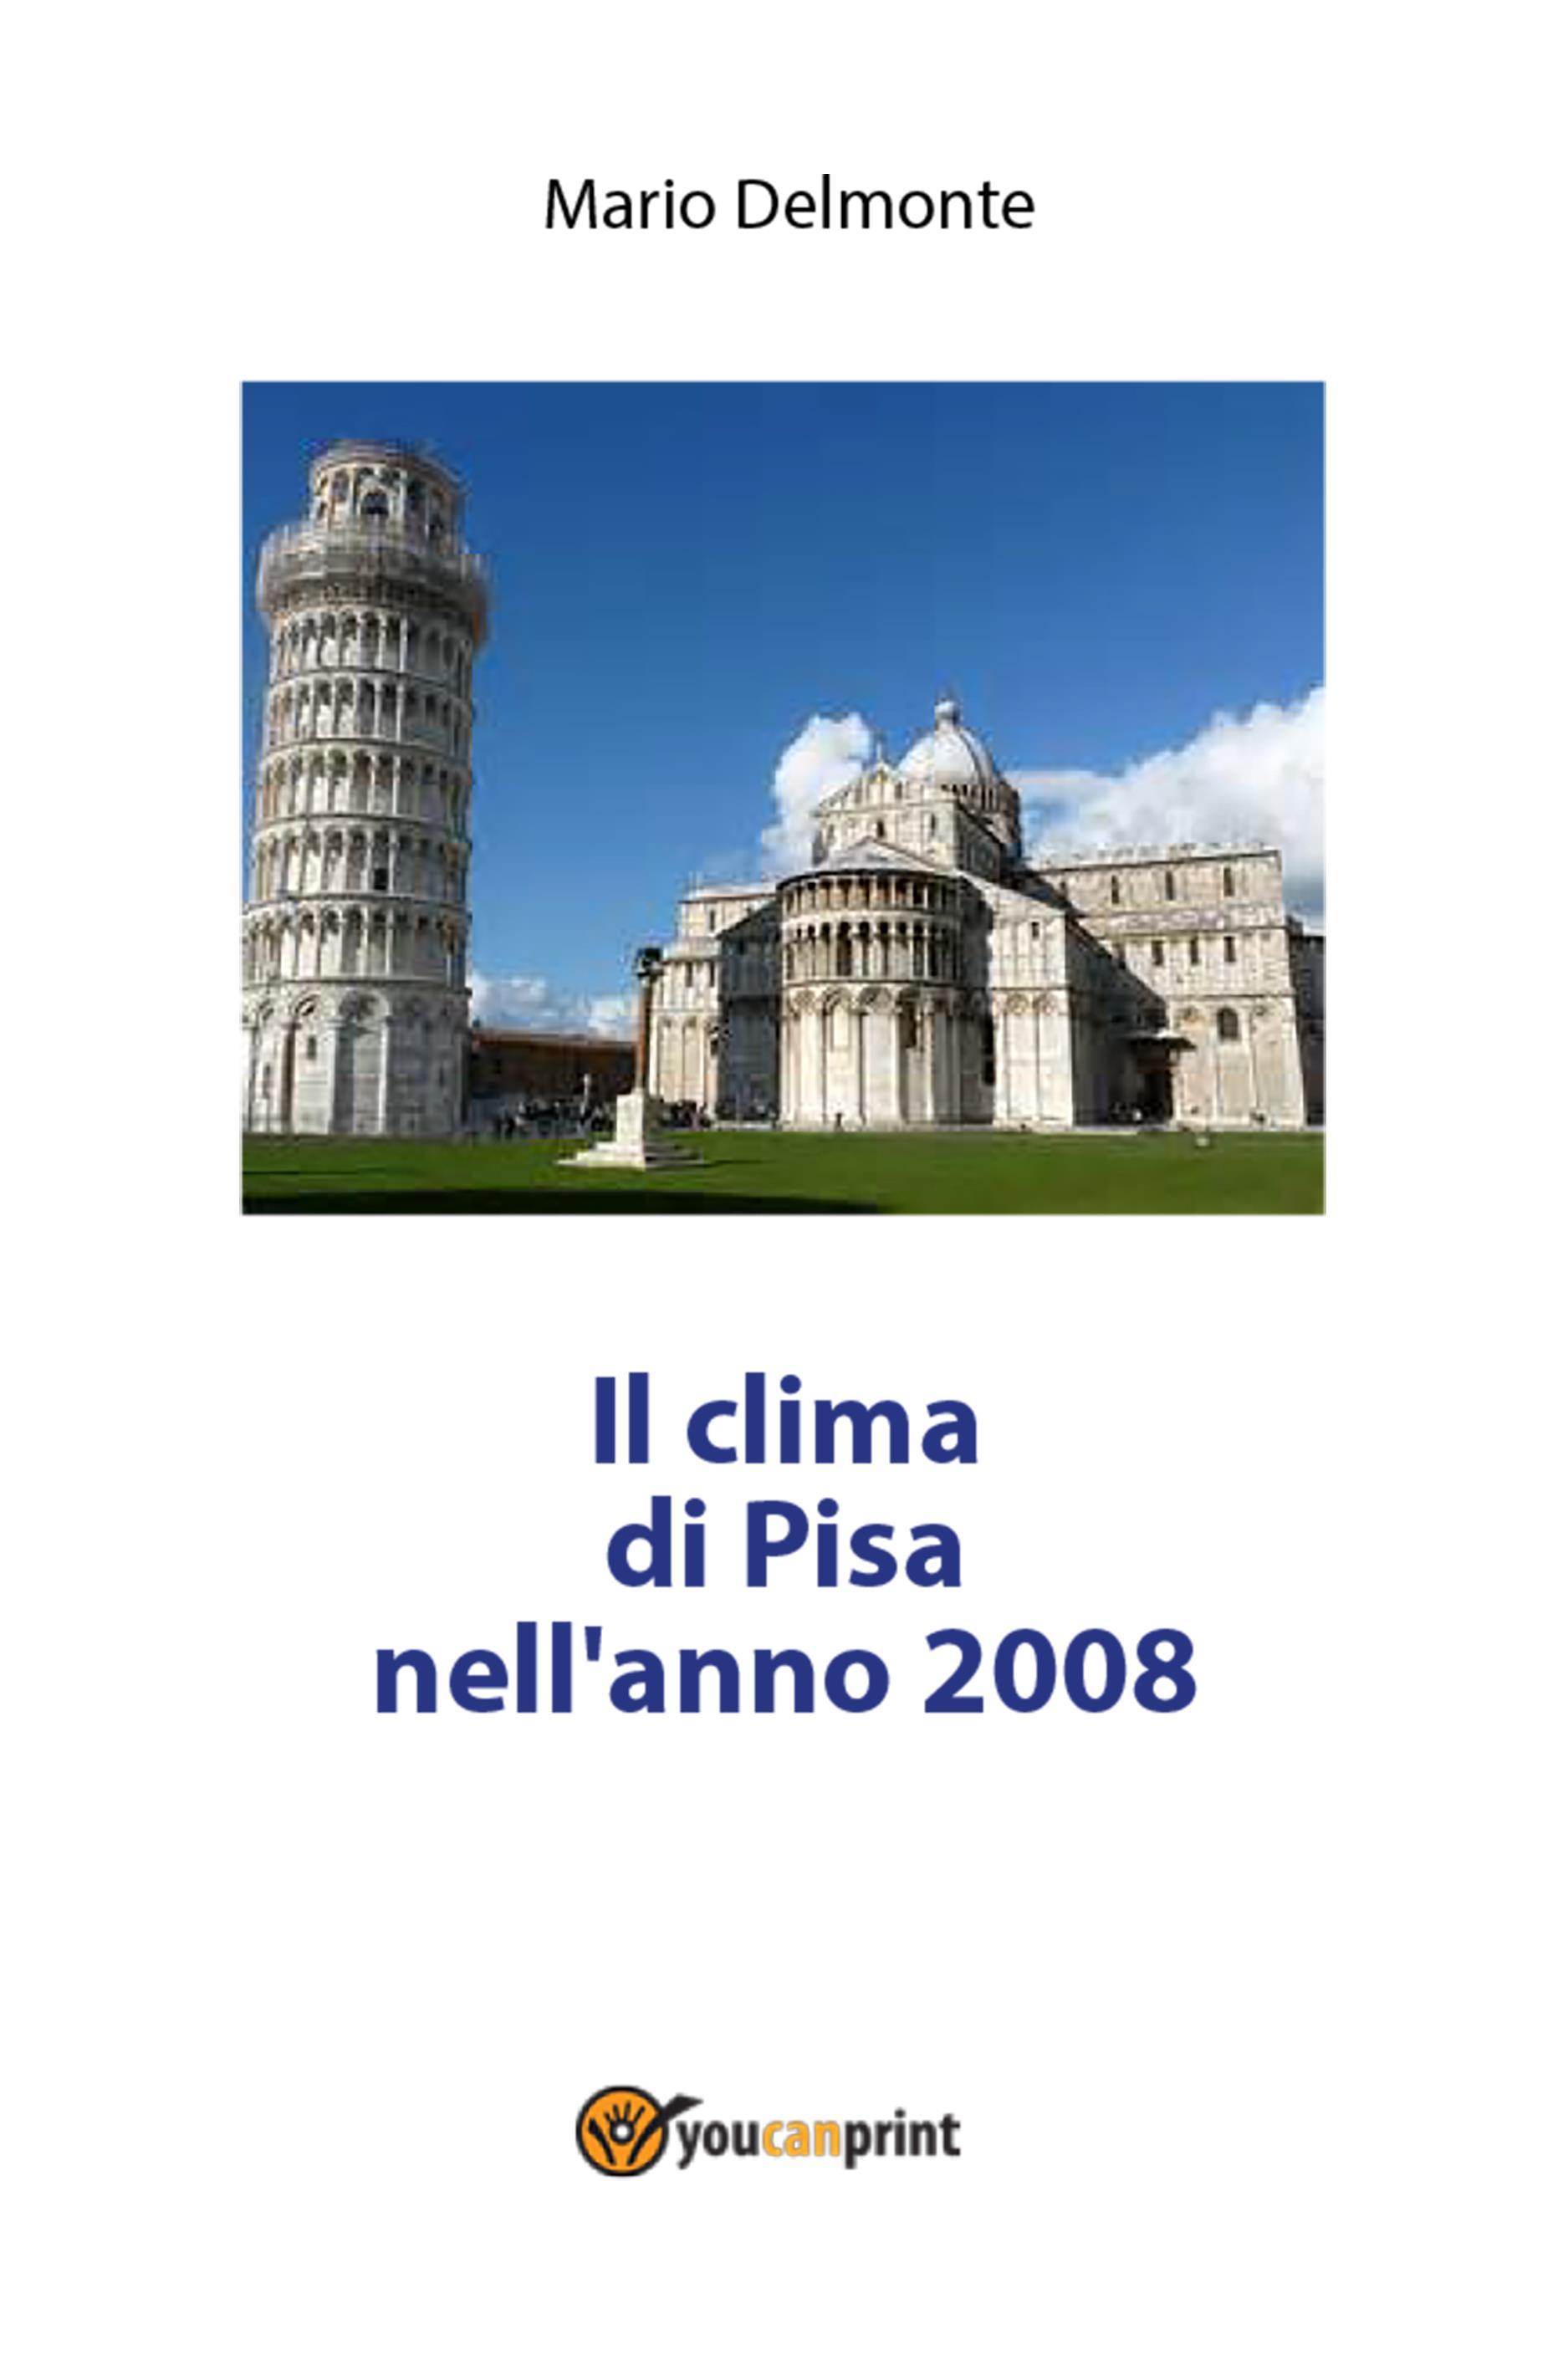 Il clima di Pisa nell'anno 2008